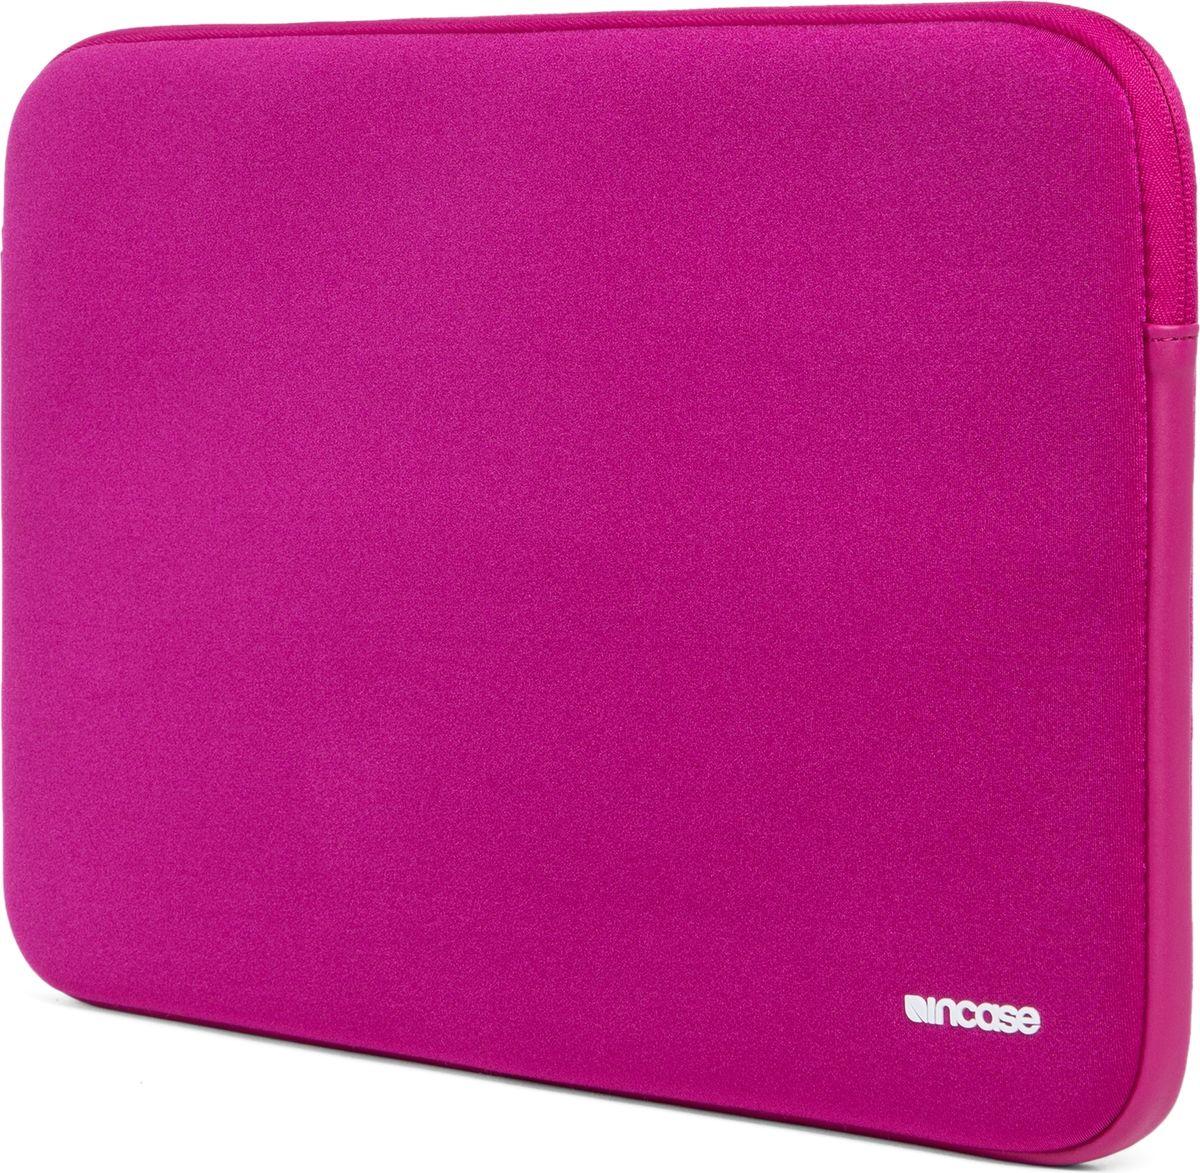 Incase Neoprene Classic Sleeve чехол для Apple MacBook 15, Pink SapphireCL60674Тонкий чехол Incase Neoprene Classic Sleeve для Apple MacBook 15 выполнен из неопрена в элегантном строгом дизайне. Чехол надежно защищает устройство от царапин, не пропускает влагу и оснащен мягкой подкладкой, а также удобной застежкой-молнией.